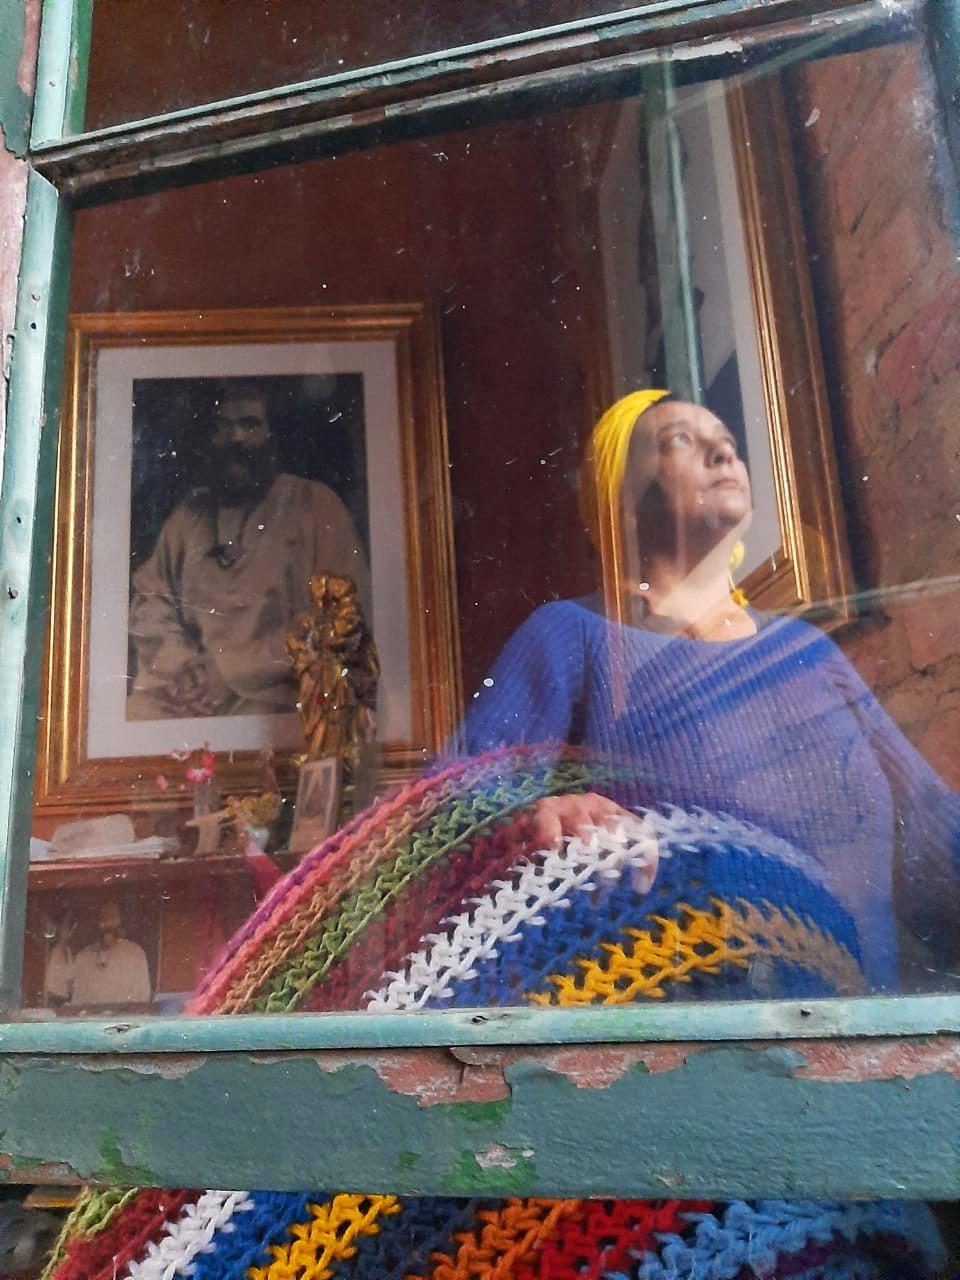 Mulher vestindo casaco azul e turbante amarelo olhando para fora da janela, à frente dela uma manta de crochê colorida, atrás imagem de Hazrat Inayat Khan